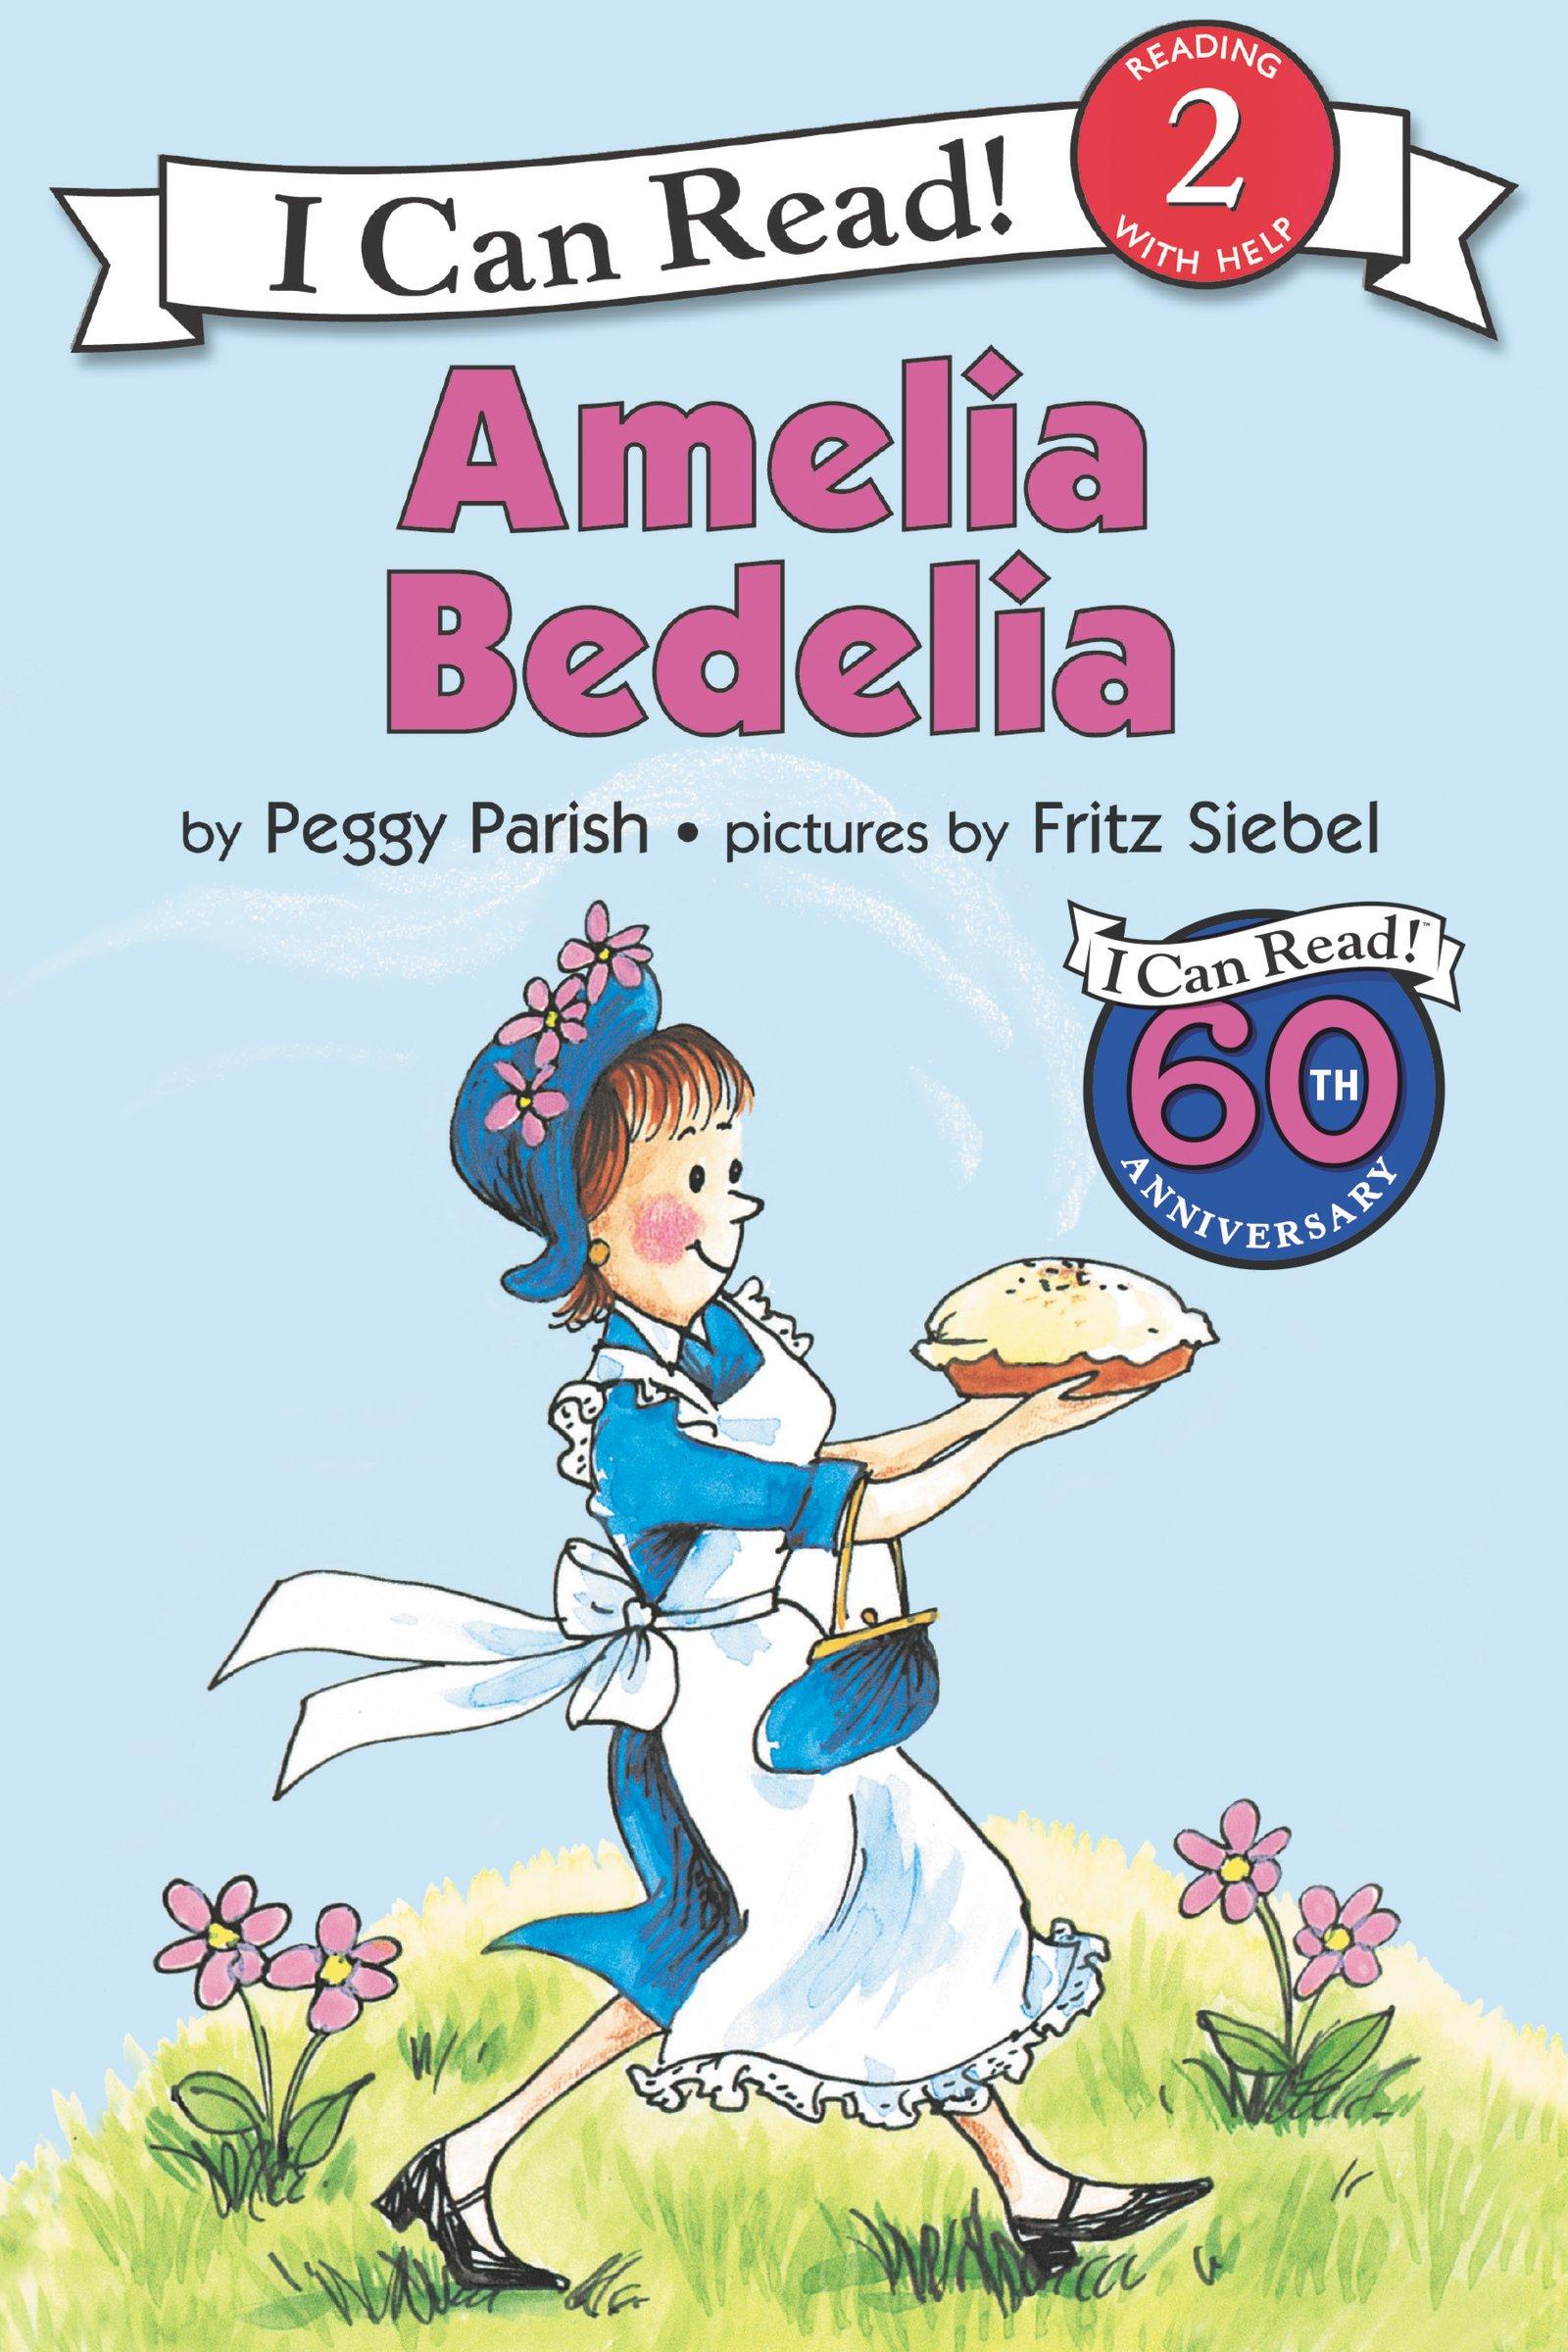 amazon com amelia bedelia i can book 9780064441551 amazon com amelia bedelia i can book 9780064441551 peggy parish fritz siebel books